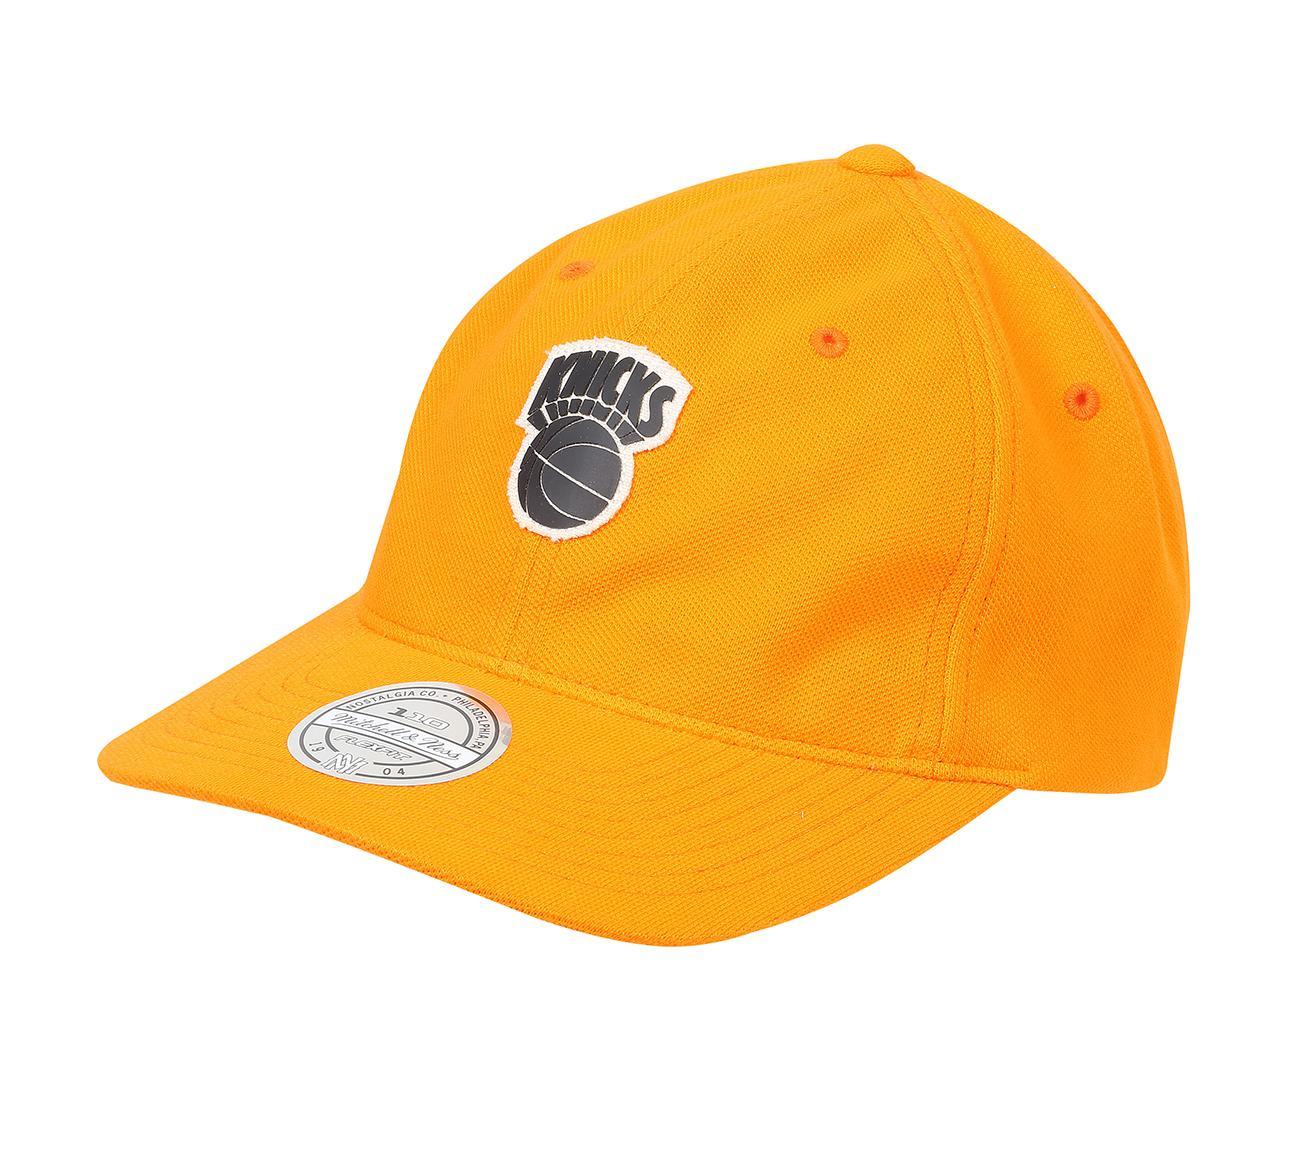 f25dffe5db4c7 Jock 110 Strapback New York Knicks